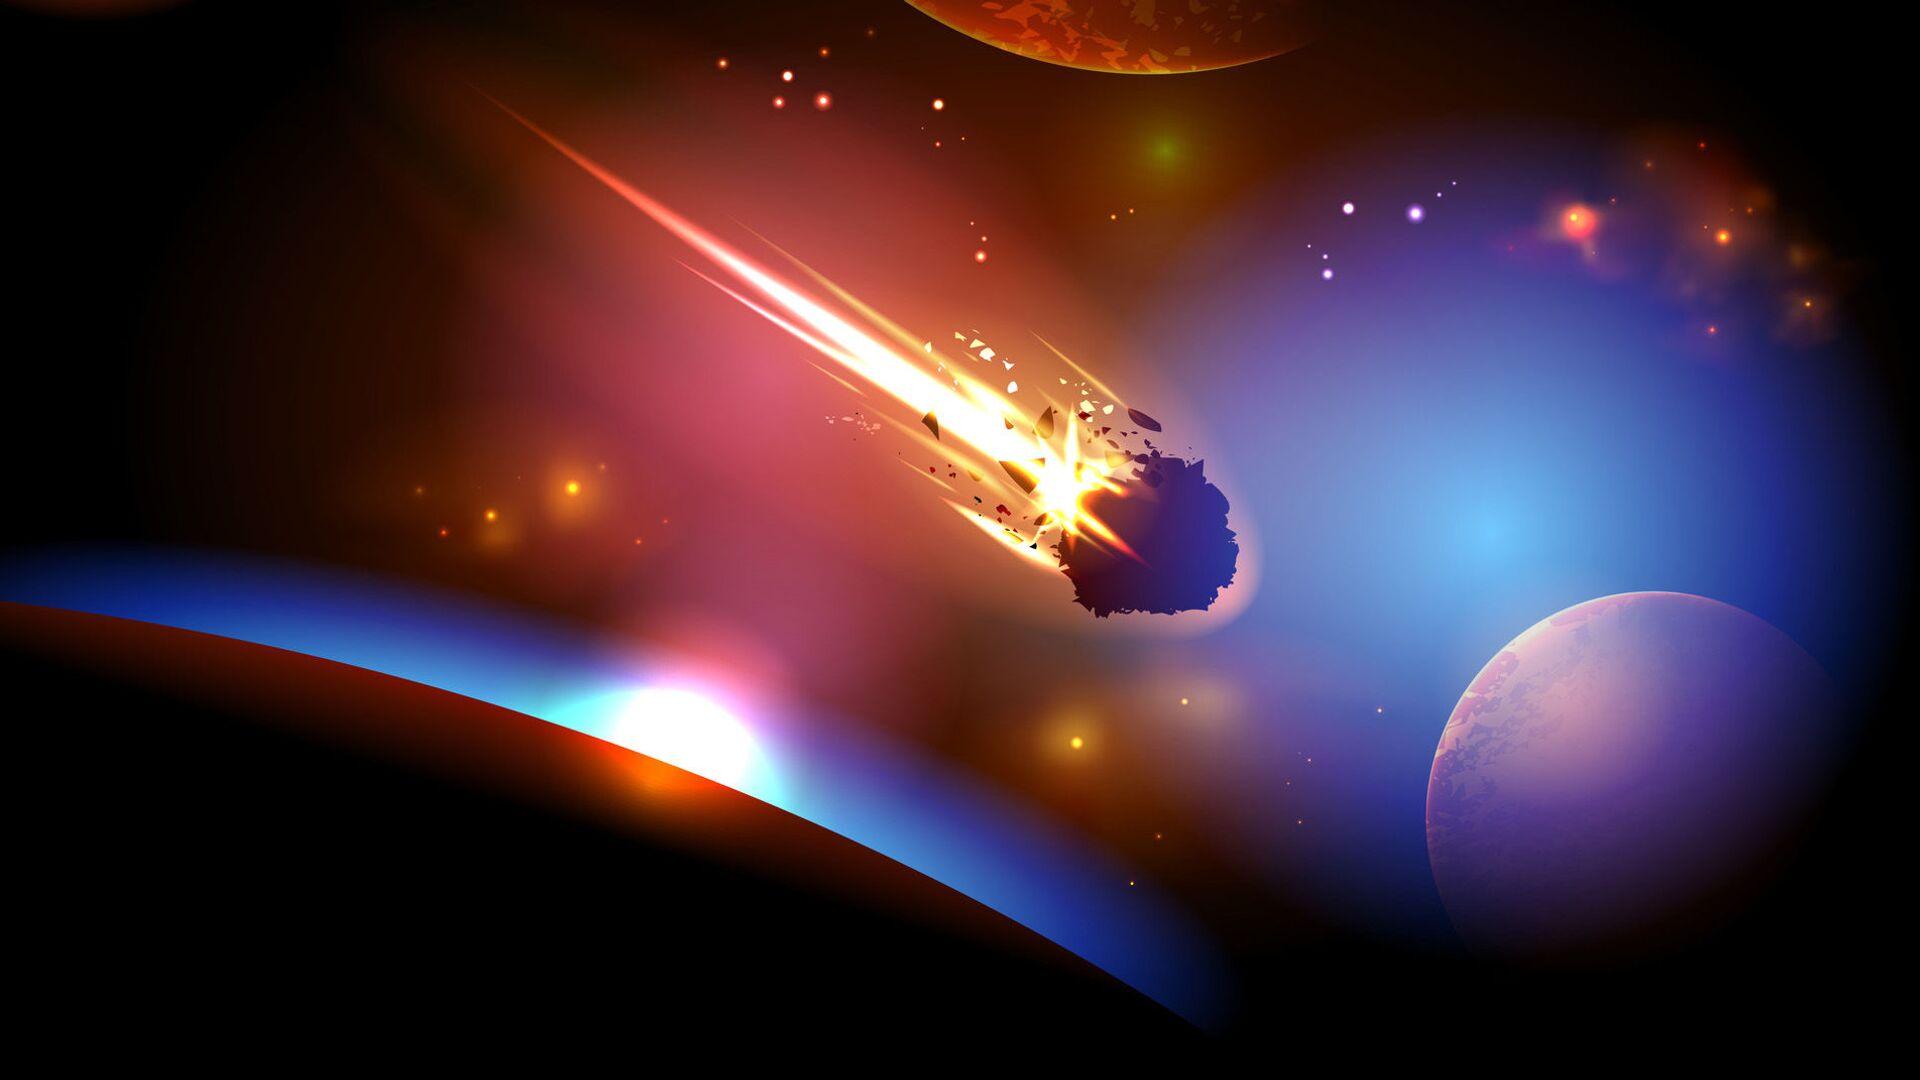 Zbliżenie się asteroidy do Ziemi - Sputnik Polska, 1920, 09.07.2021